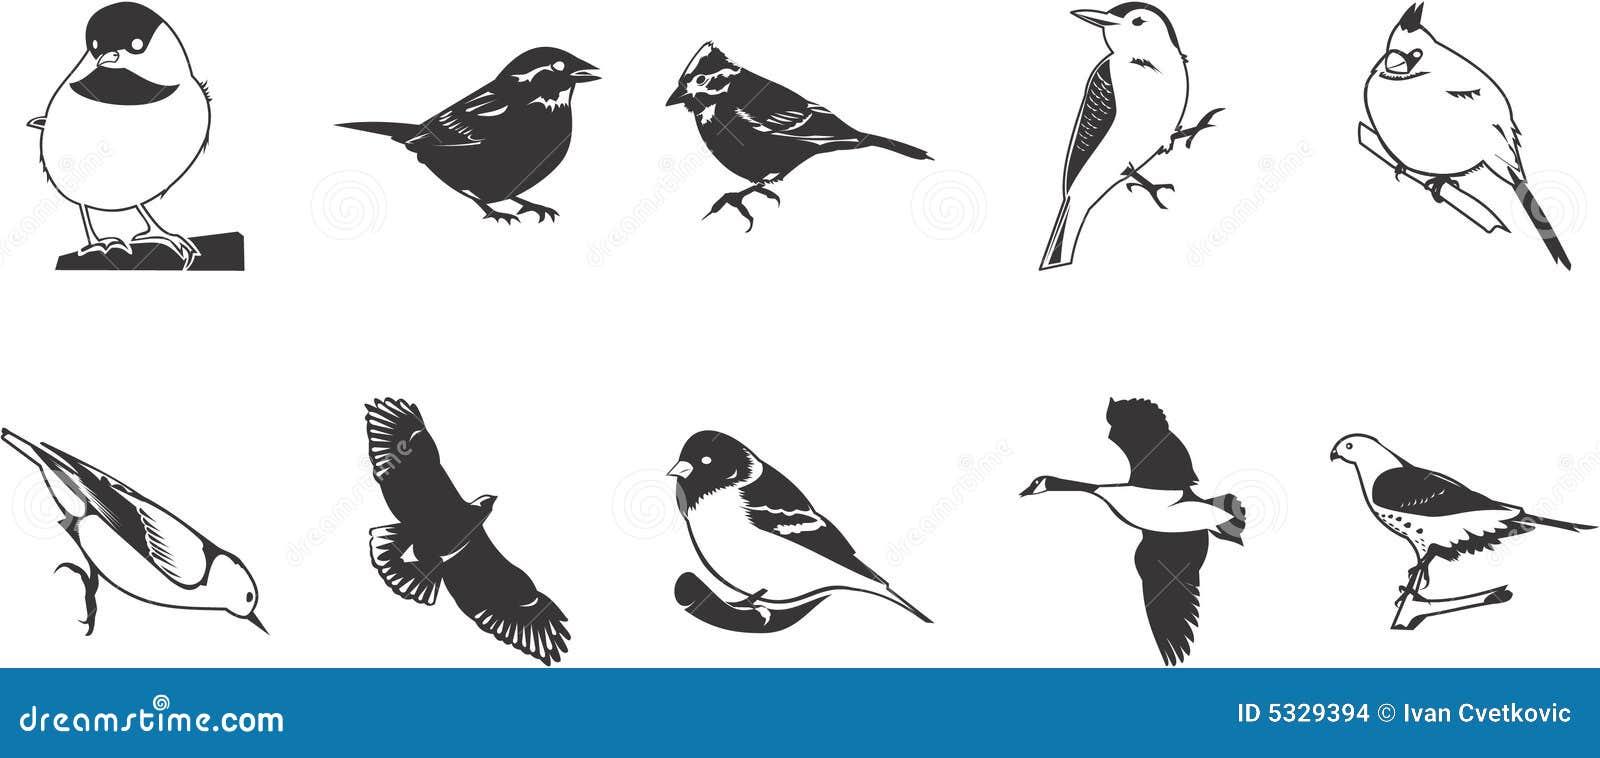 αγαπά το μαύρο πουλίμεγάλο πουλί γαμημένο Έφηβος